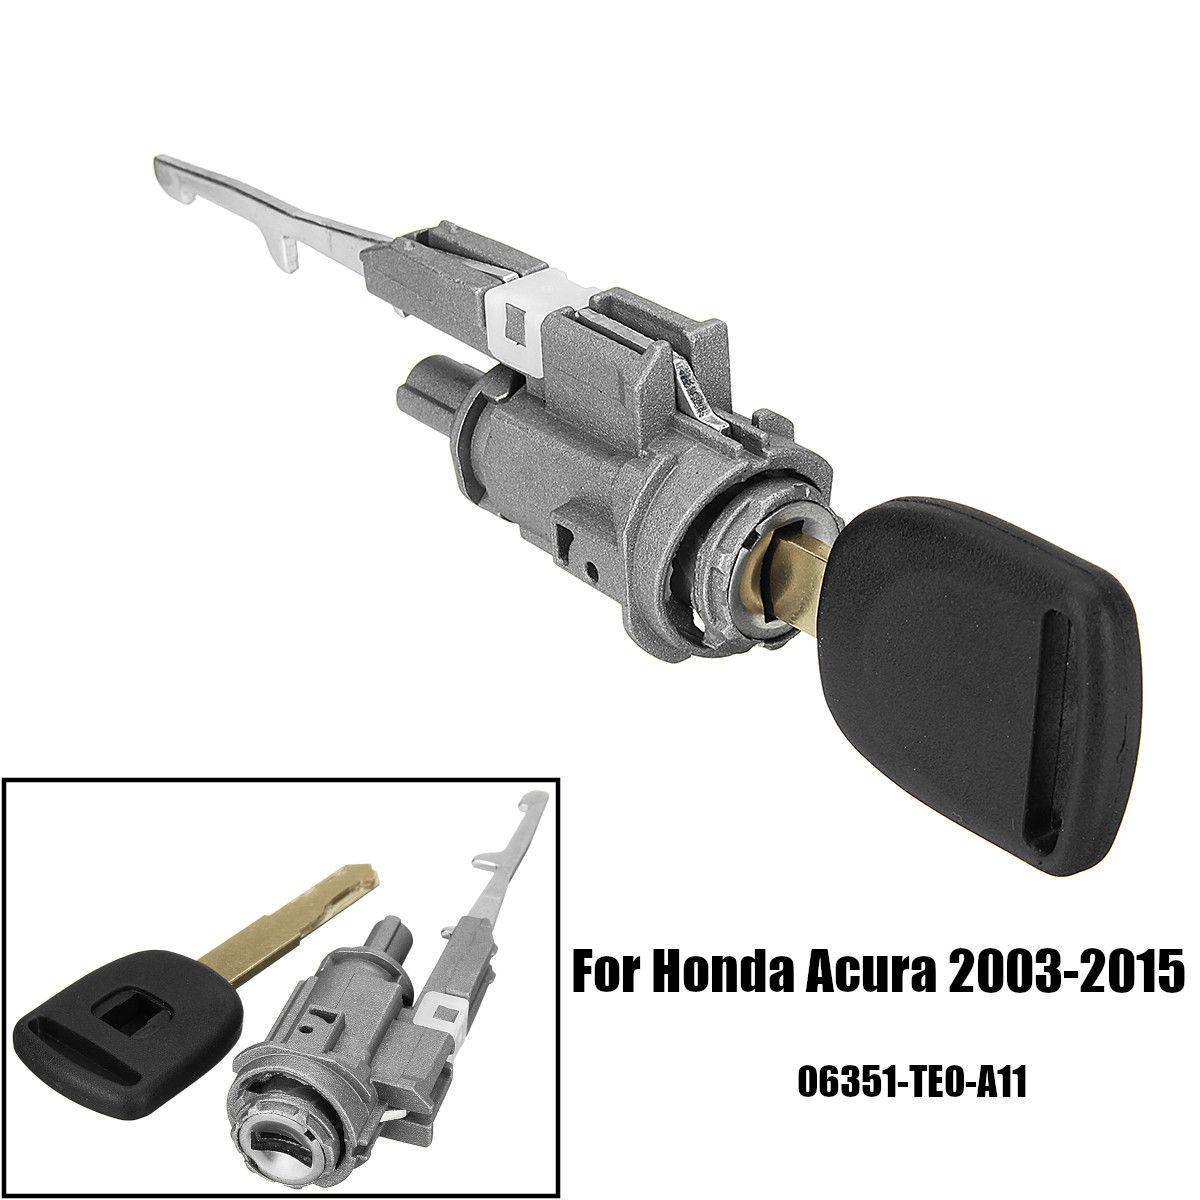 Zündung Zylinder Schloss Schalter mit Schlüssel 06351-TE0-A11 für Honda für Acura/Civic/CRV/CR-V Pilot MDX RDX TSX ZDX TL 2003-2015